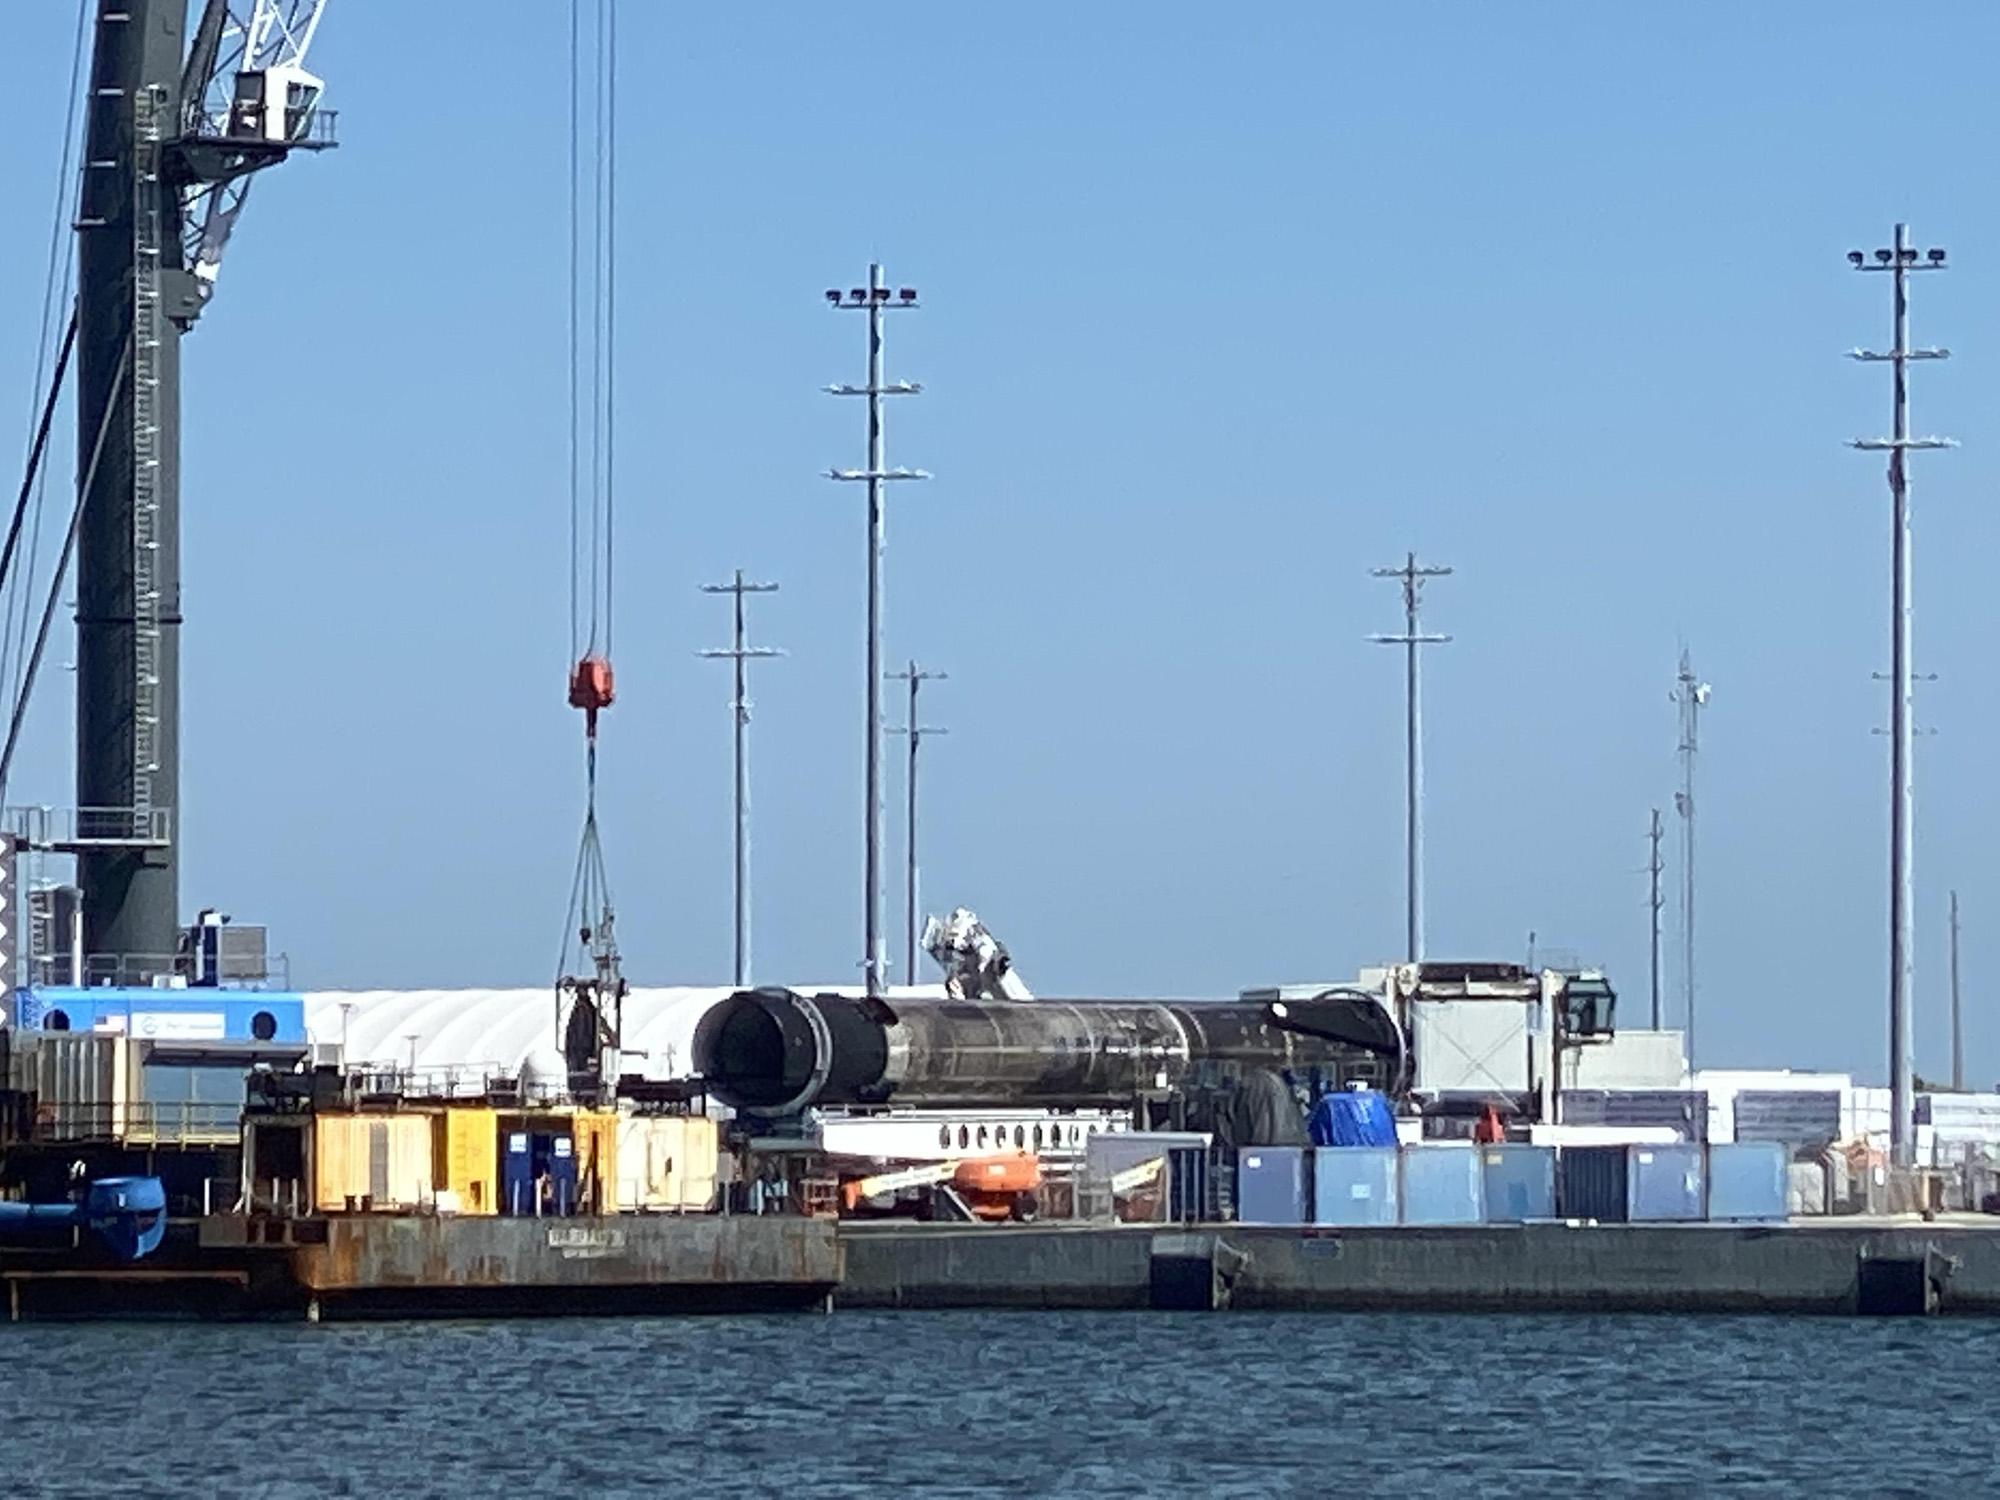 Une fusée SpaceX Falcon 9 repose sur le côté du drone Just Follow The Instructions après son retour à Port Canaveral à Cap Canaveral, en Floride, après le 11 mars 2021.